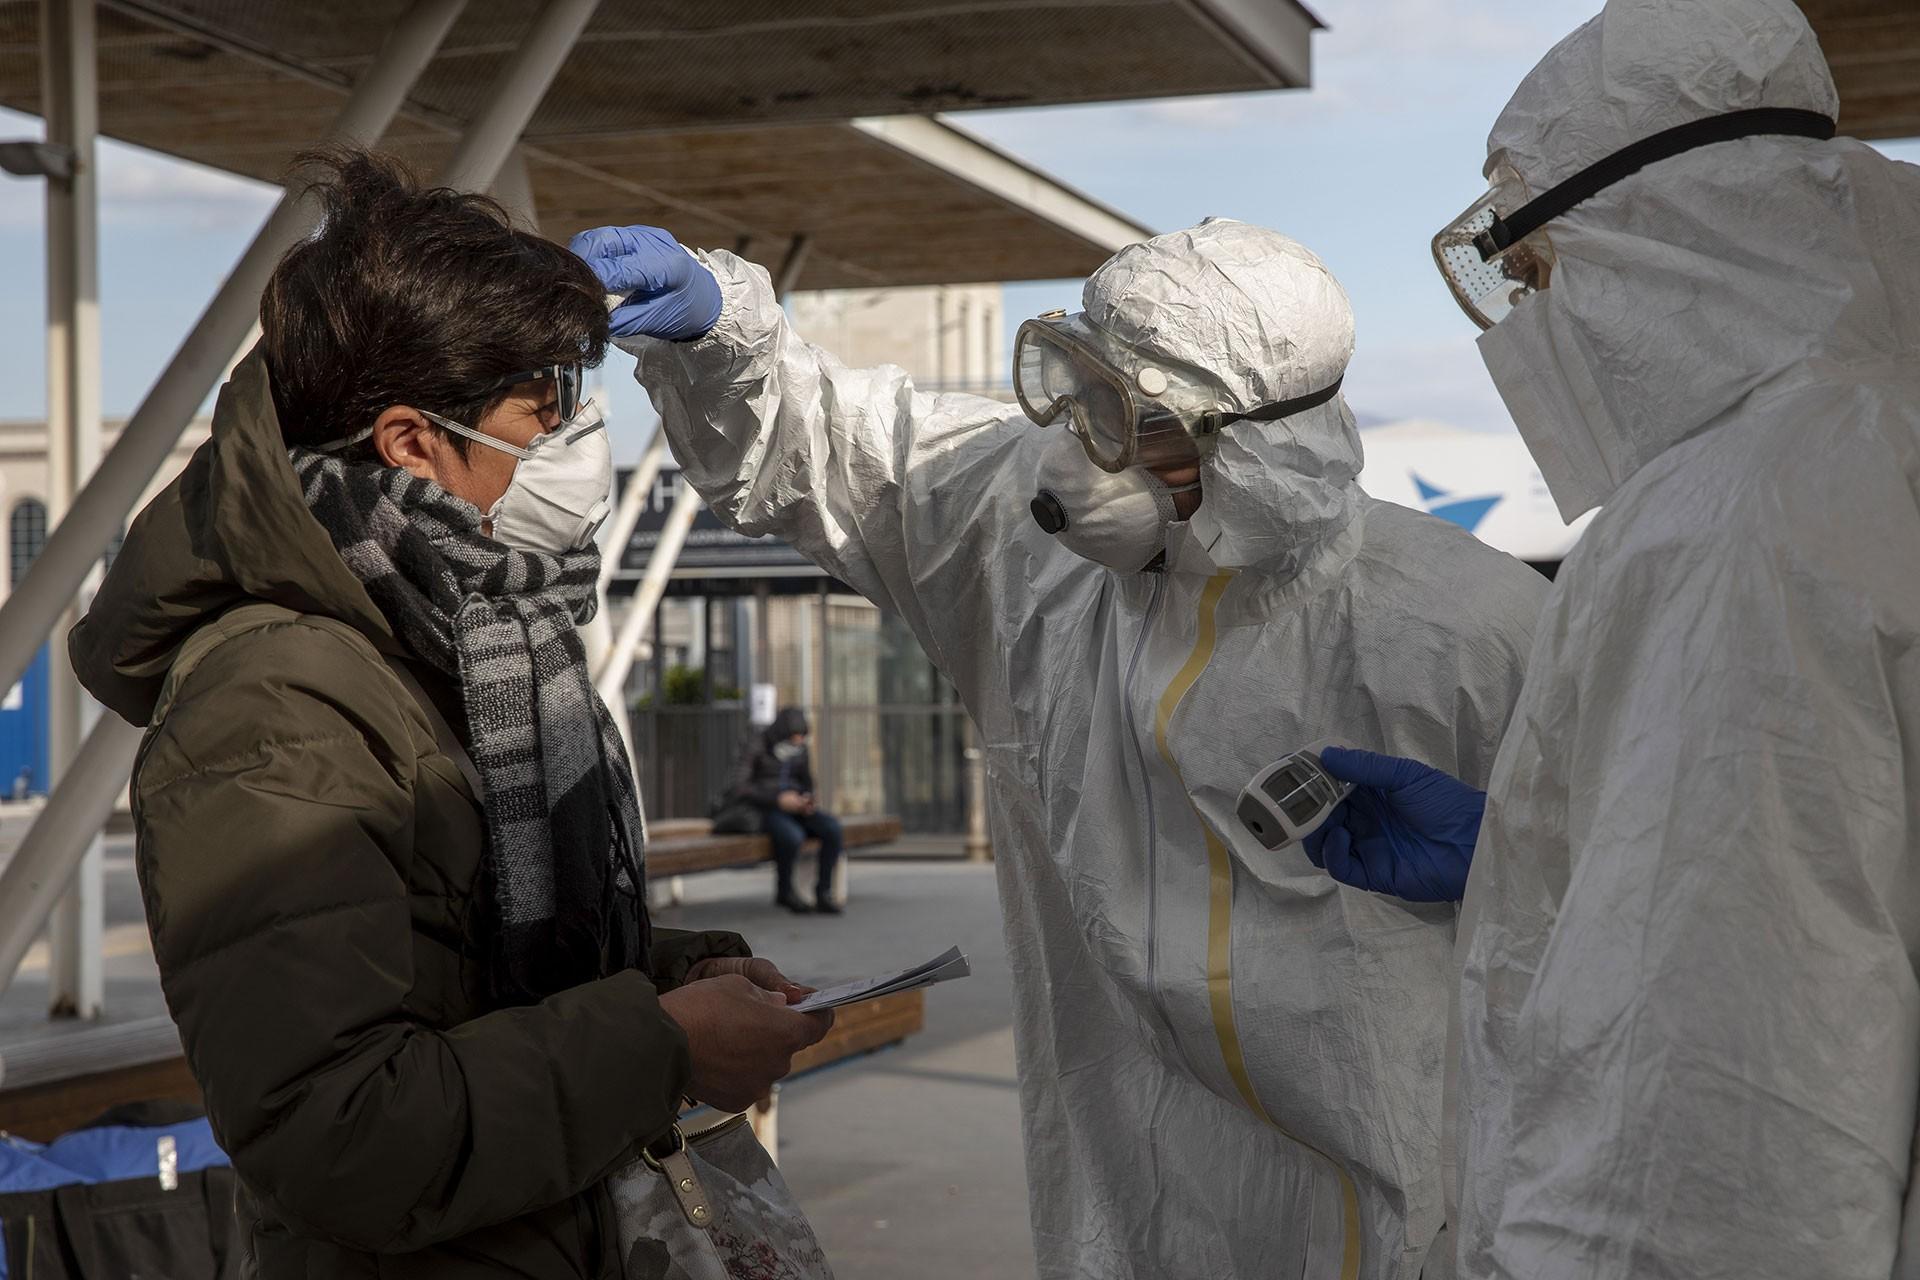 İtalya'da tren istasyonunda koronavirüs kontrolü.